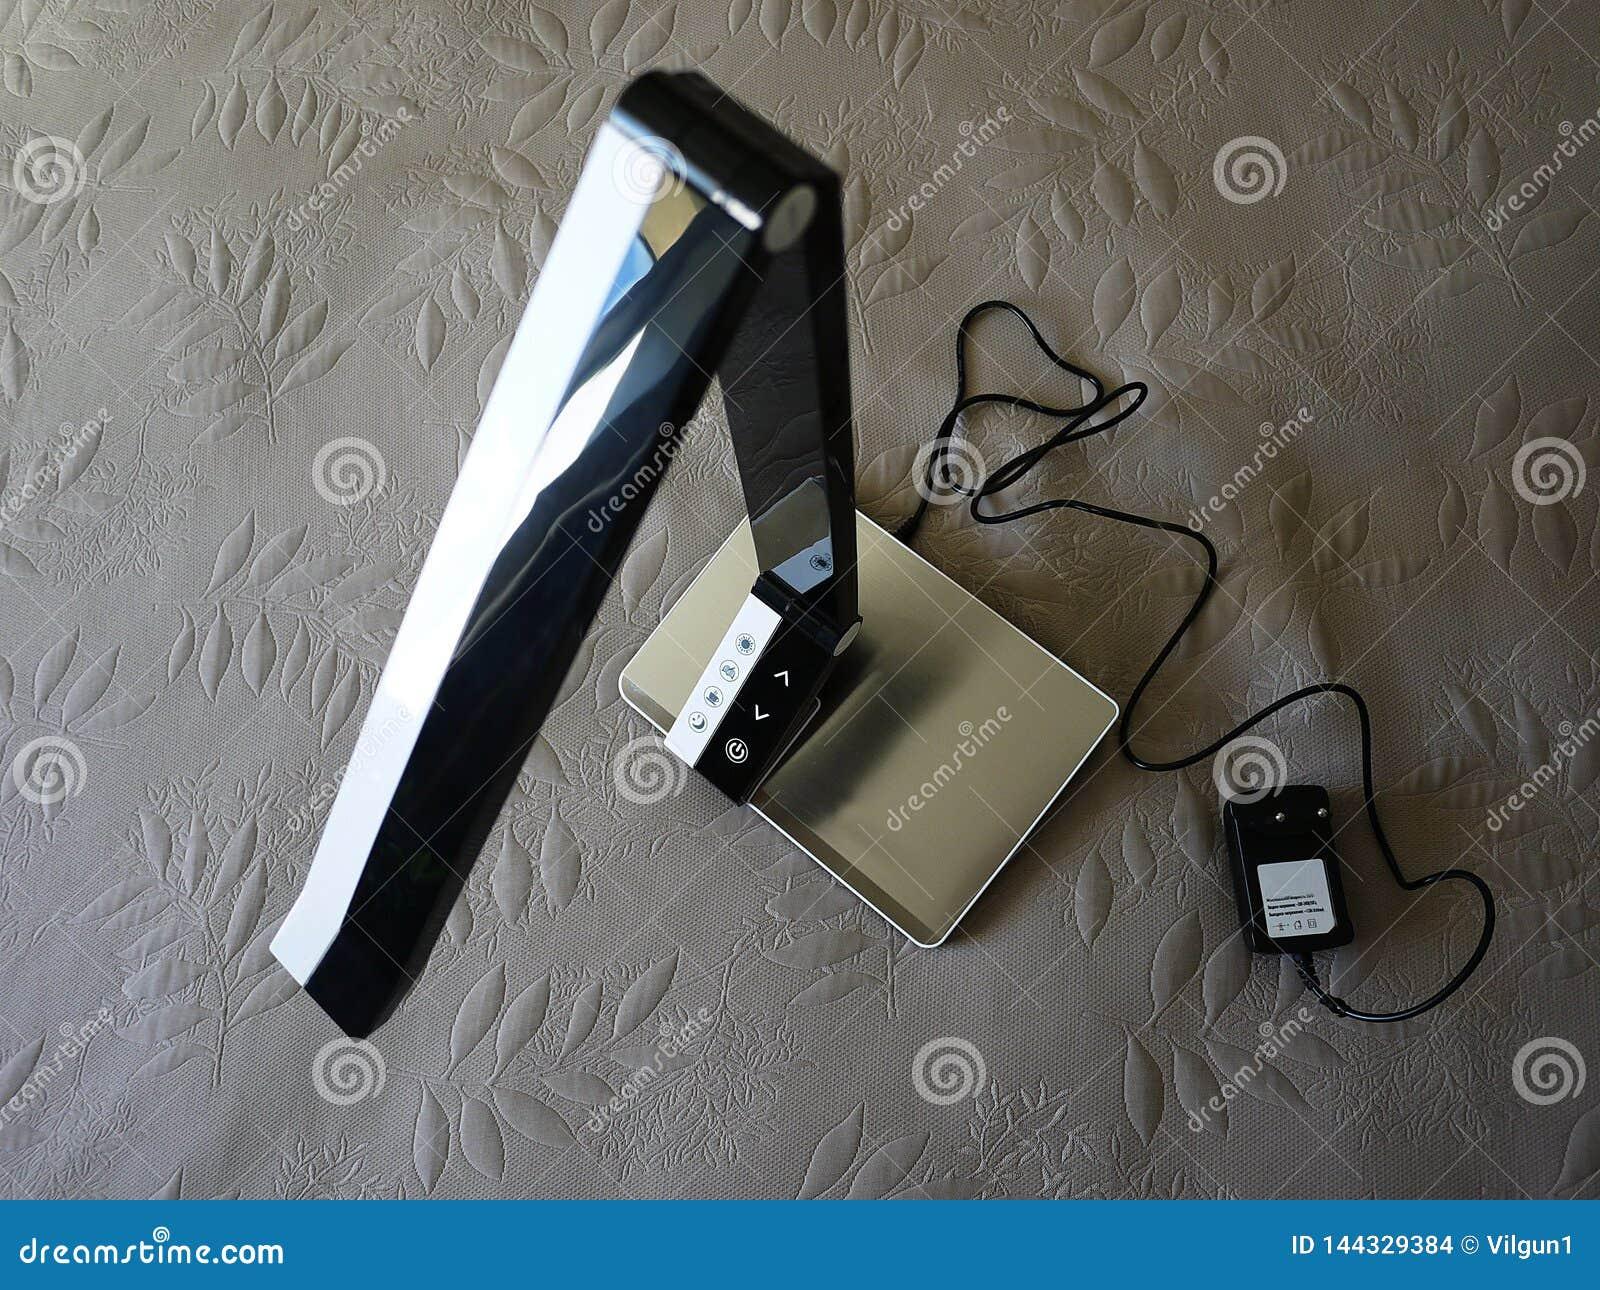 Επιτραπέζιος λαμπτήρας στο σπίτι Χρησιμοποιημένος για να φωτίσει το διάστημα του σπιτιού E